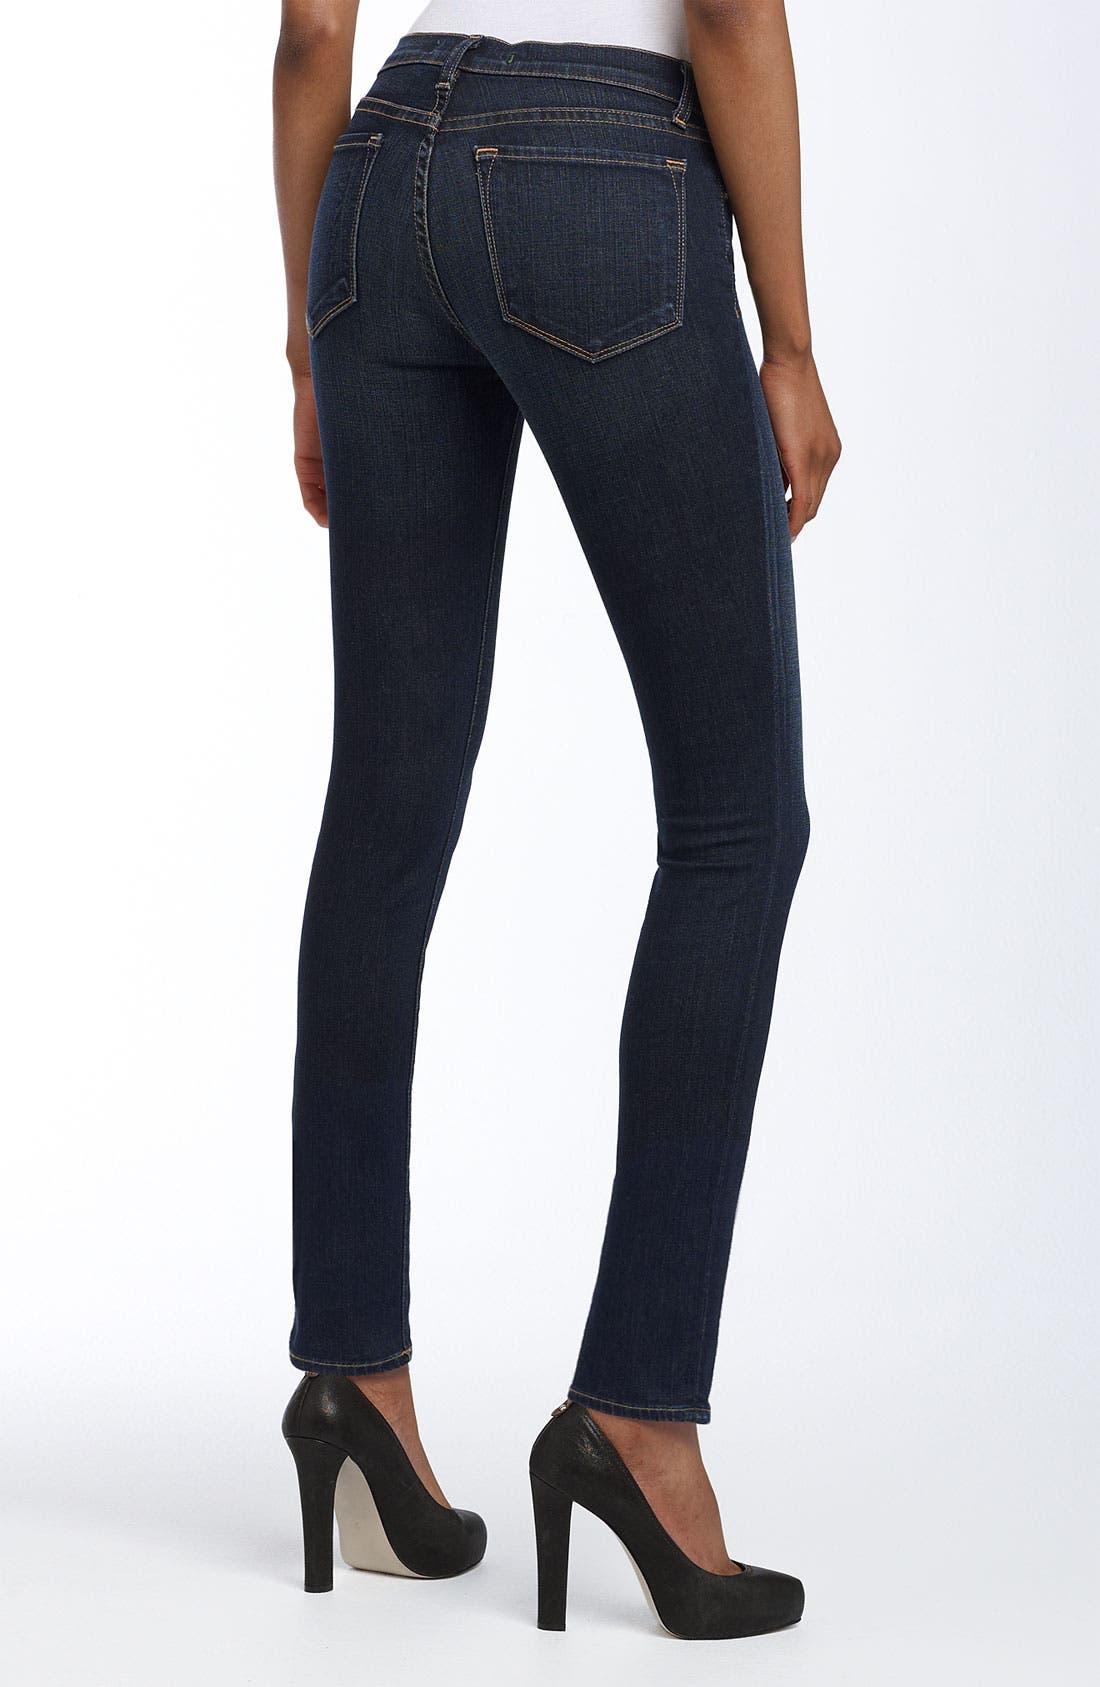 J brand '811' skinny stretch jeans (dark vintage)